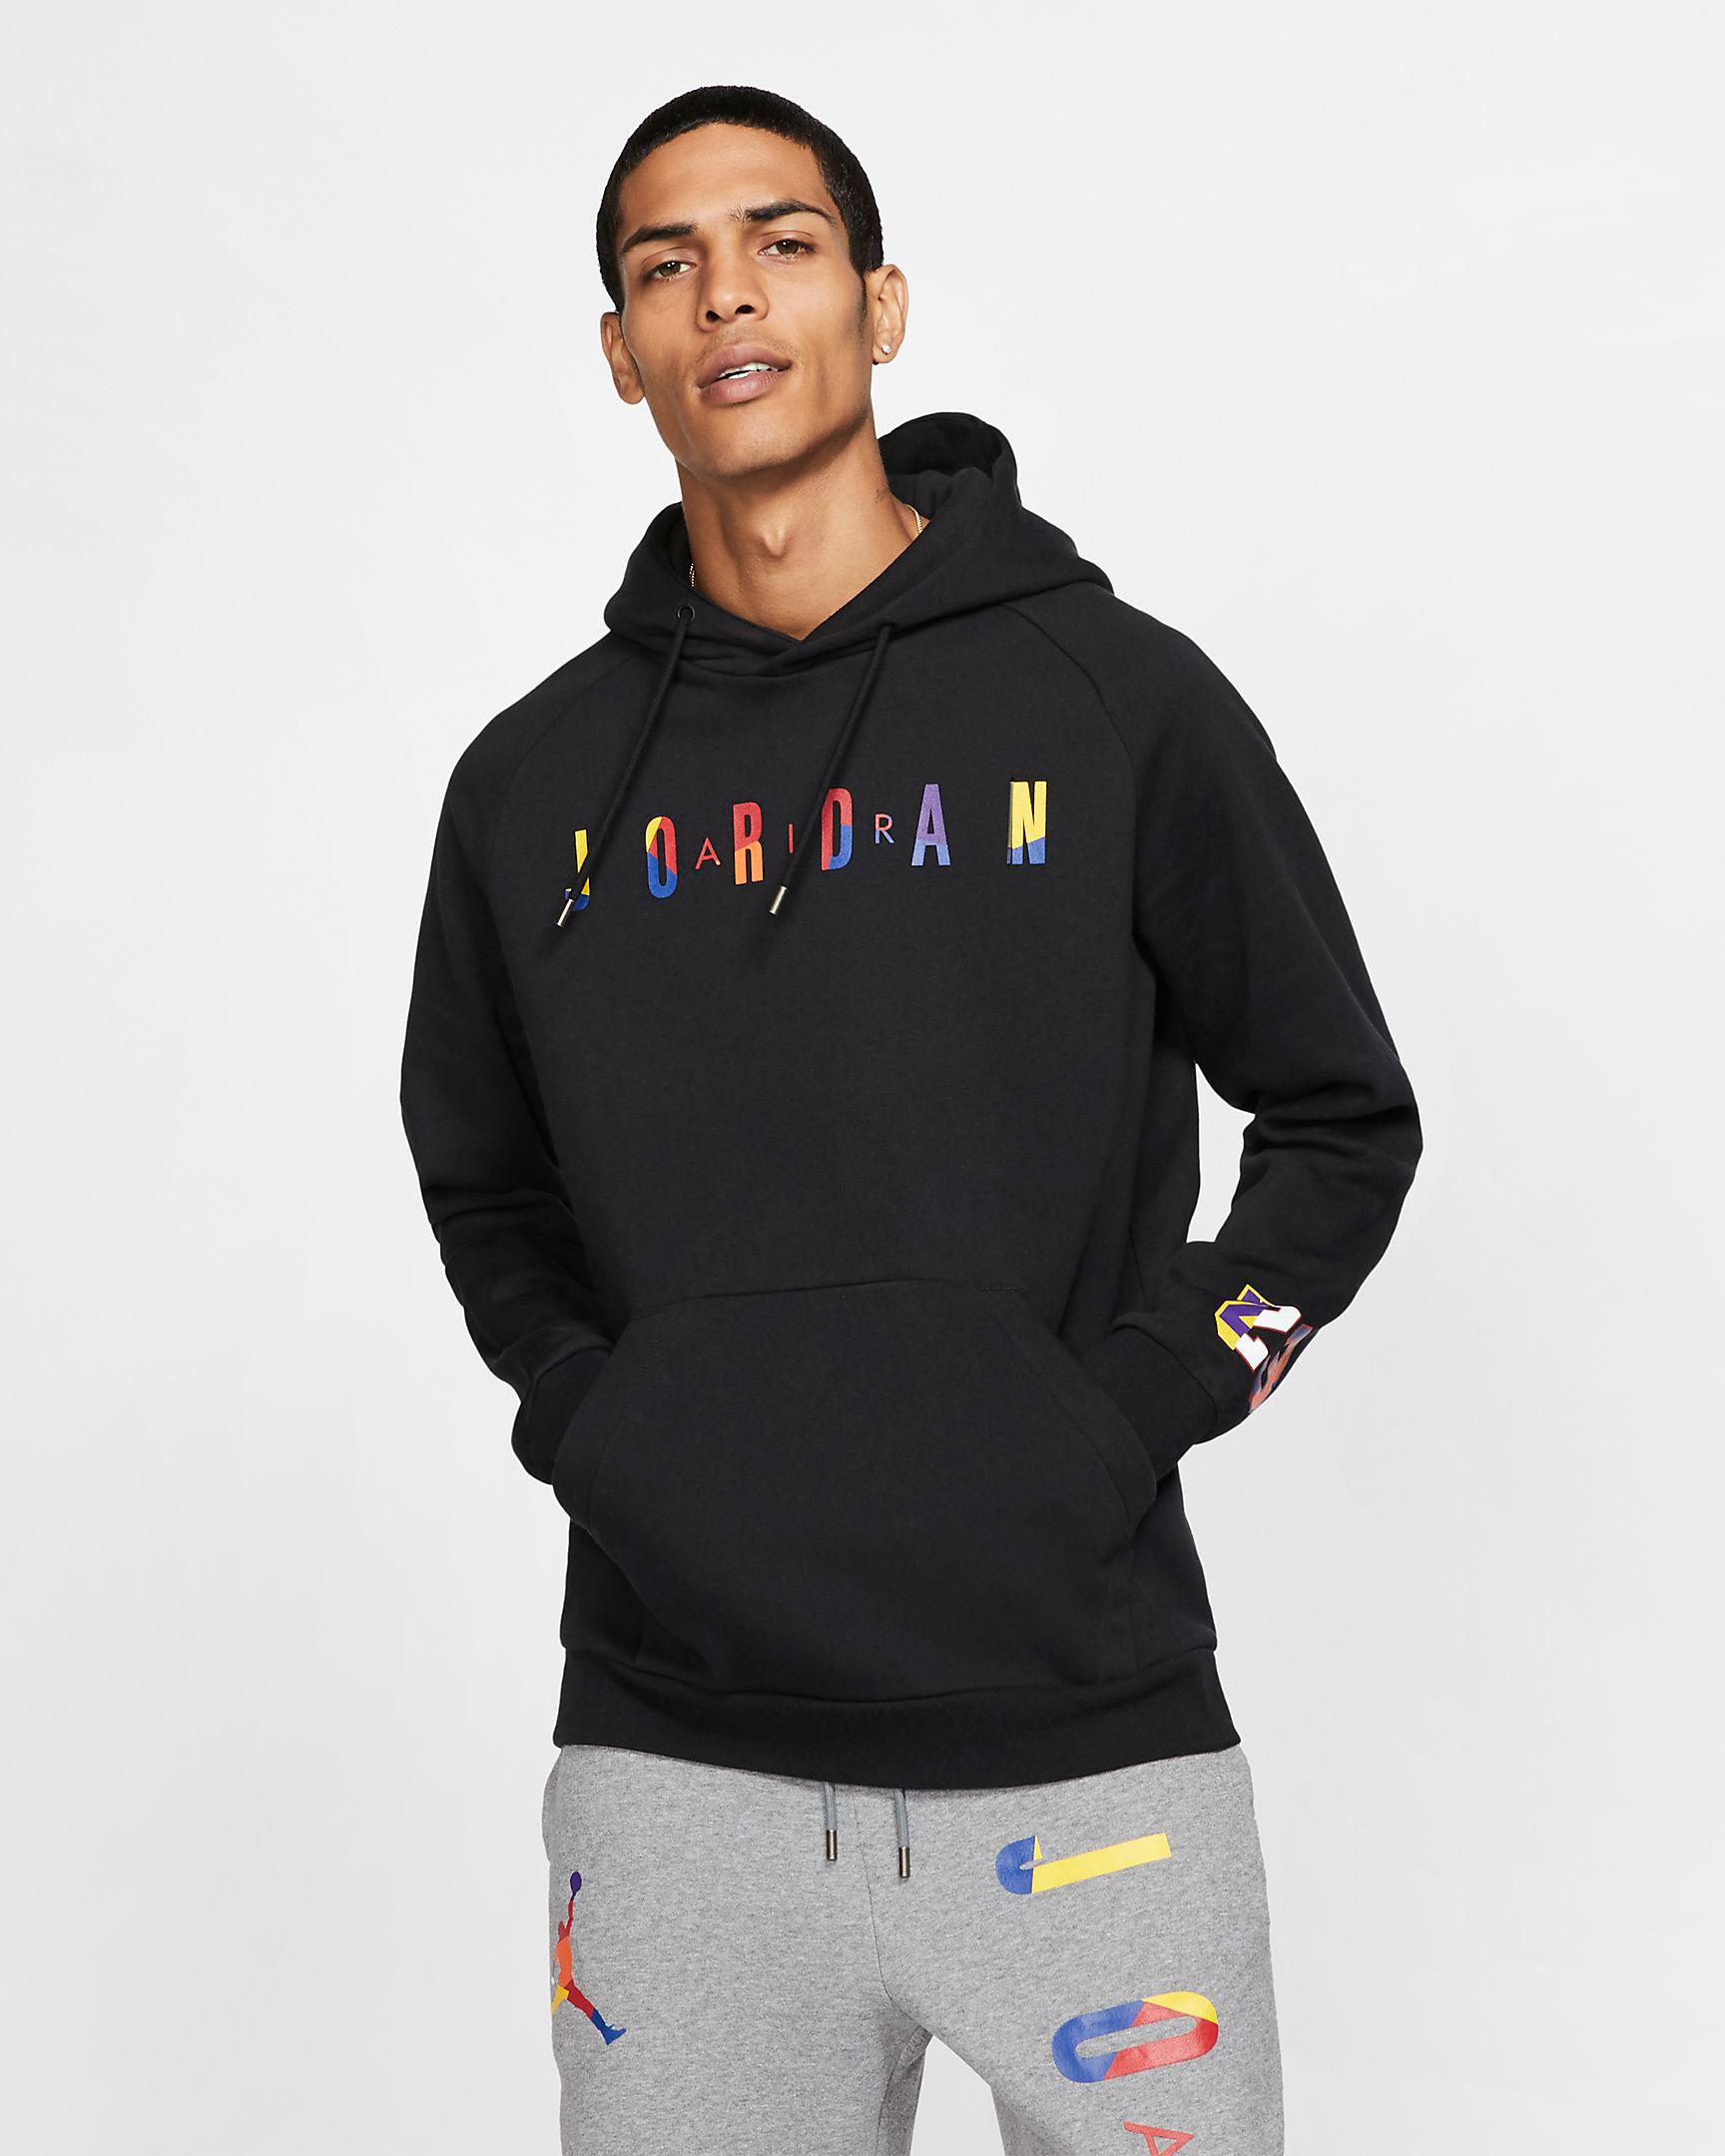 jordan-dna-hoodie-black